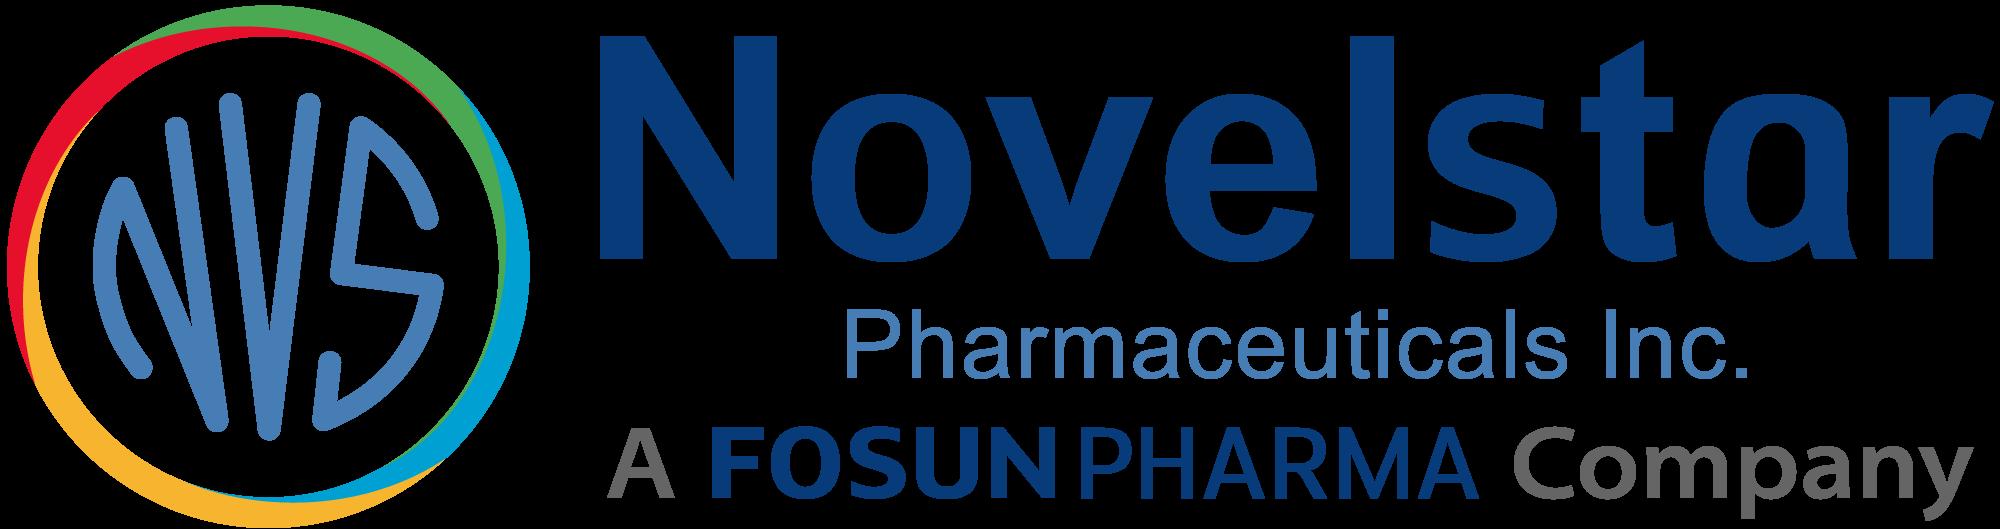 Novelstar Pharmaceuticals